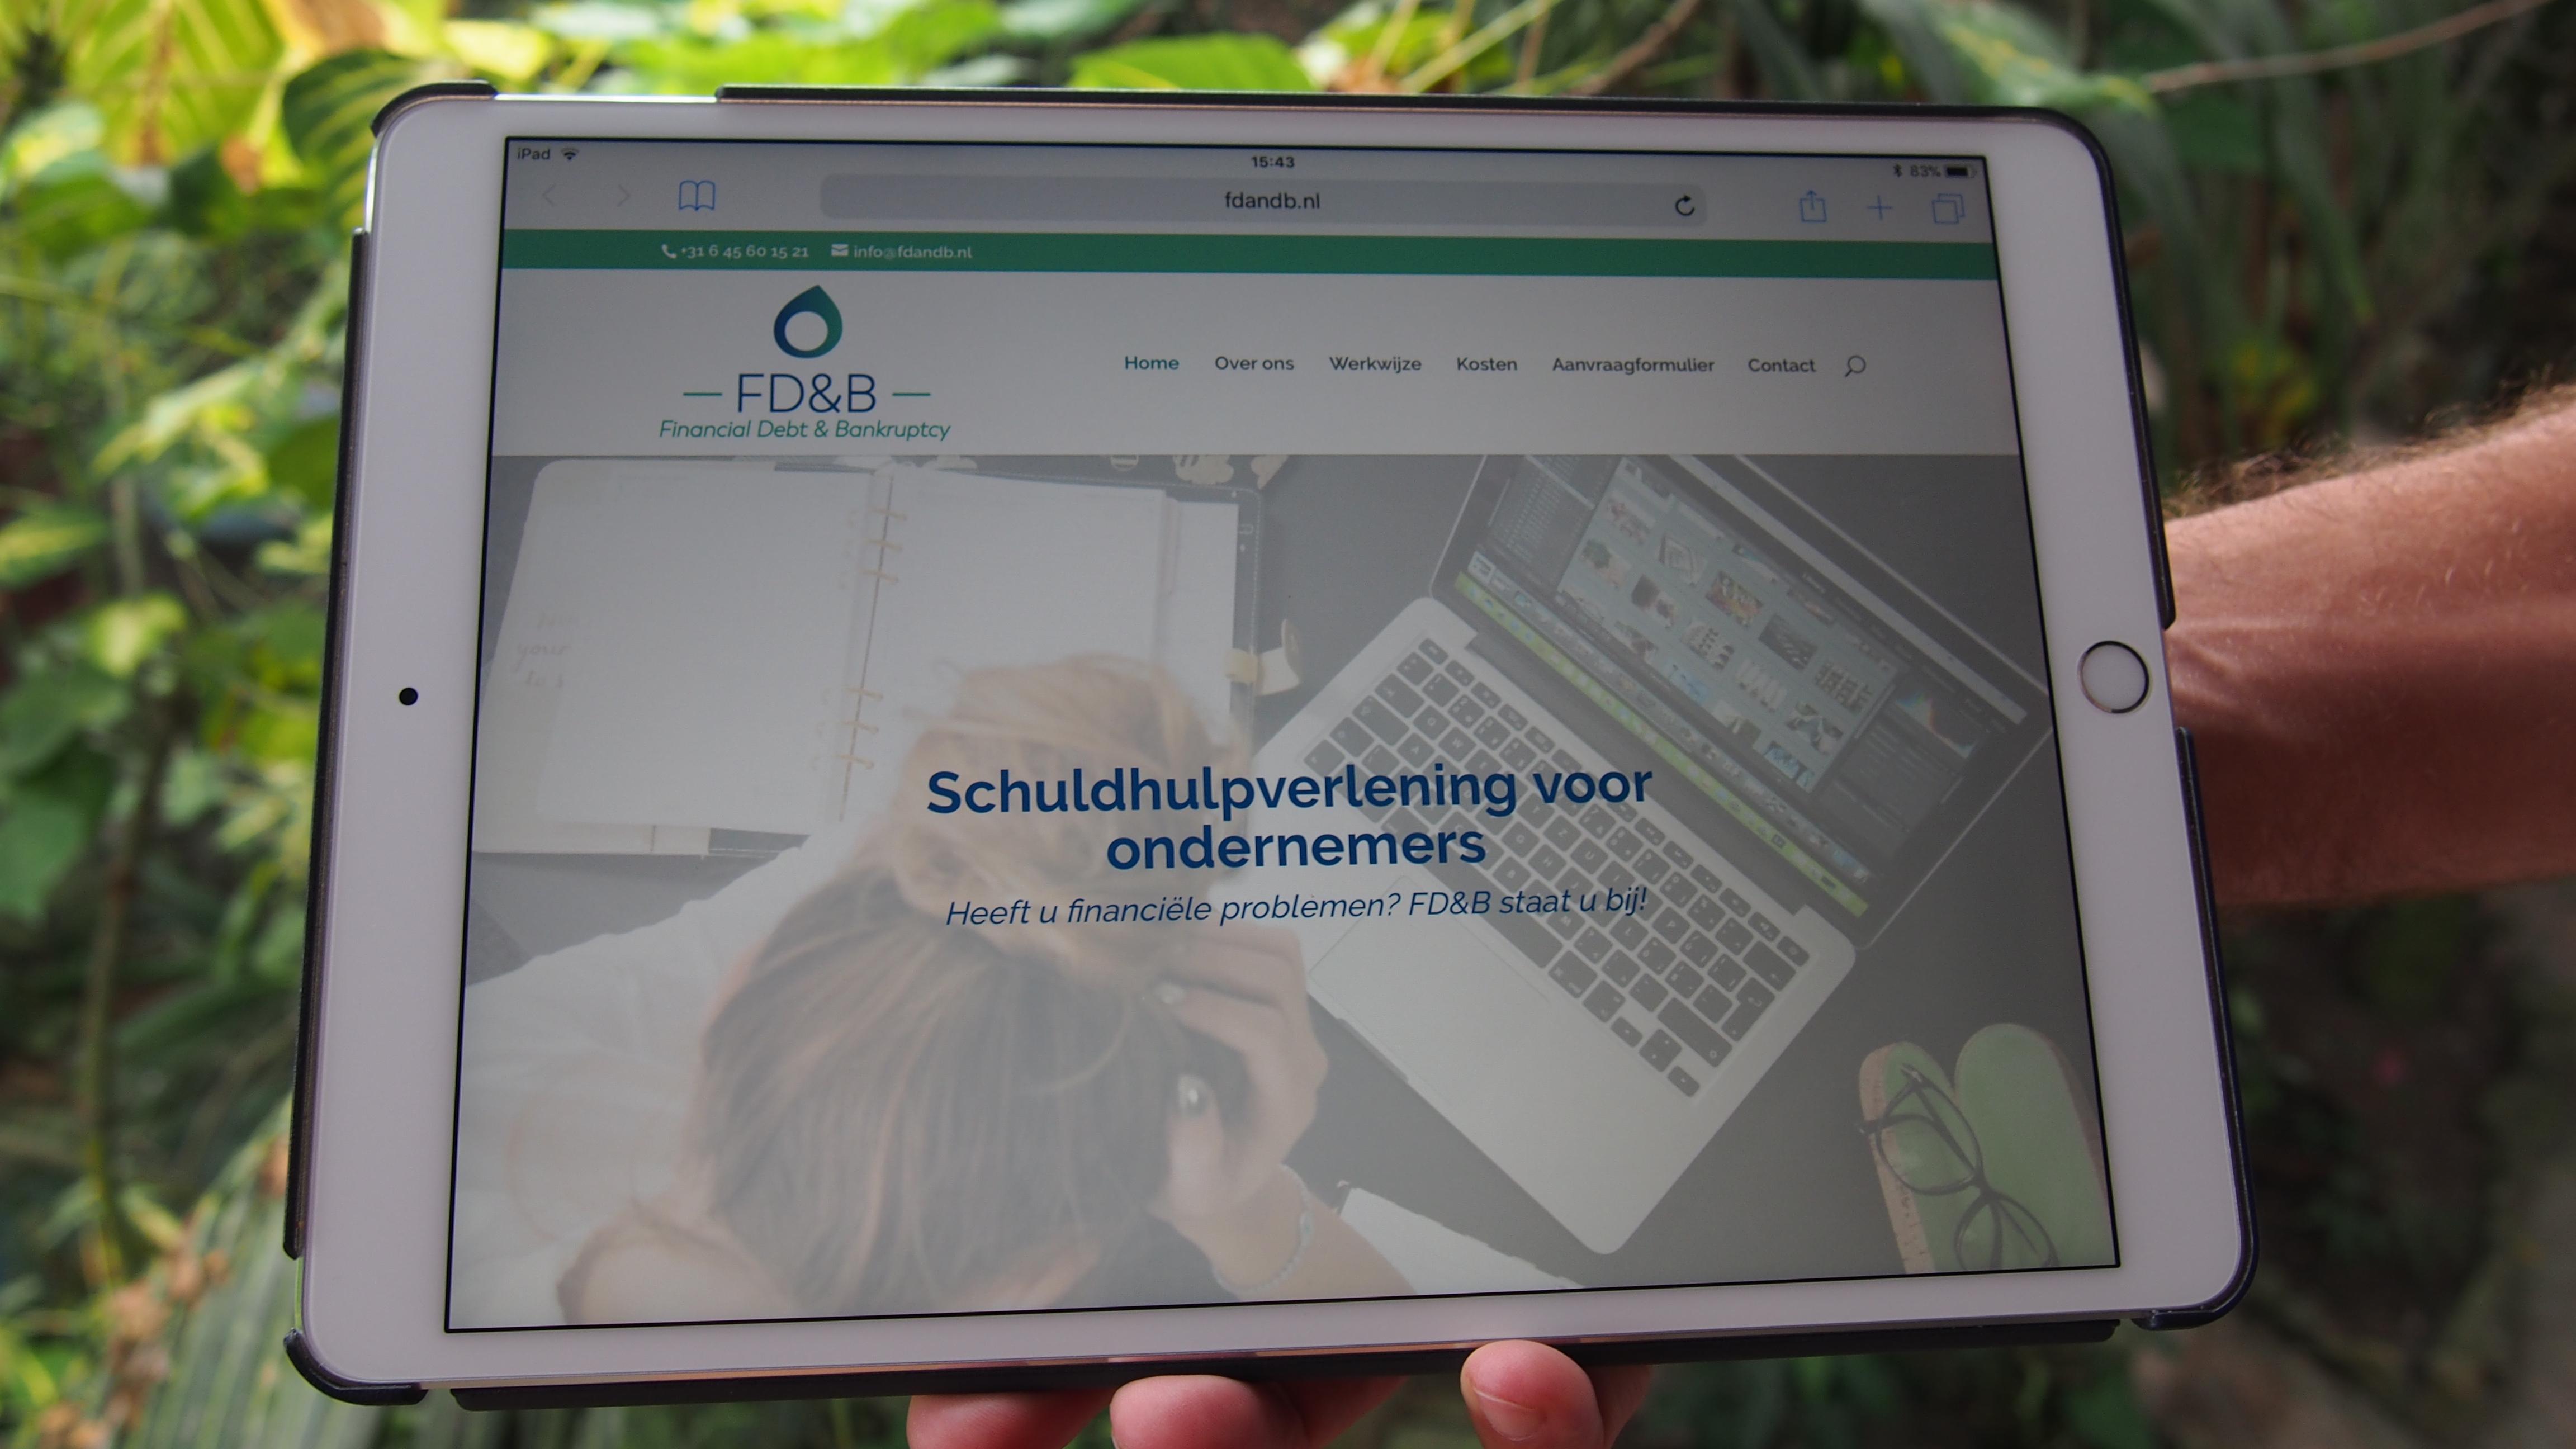 Website ontwerp voor FD&B - resultaat op iPad - grafisch ontwerp